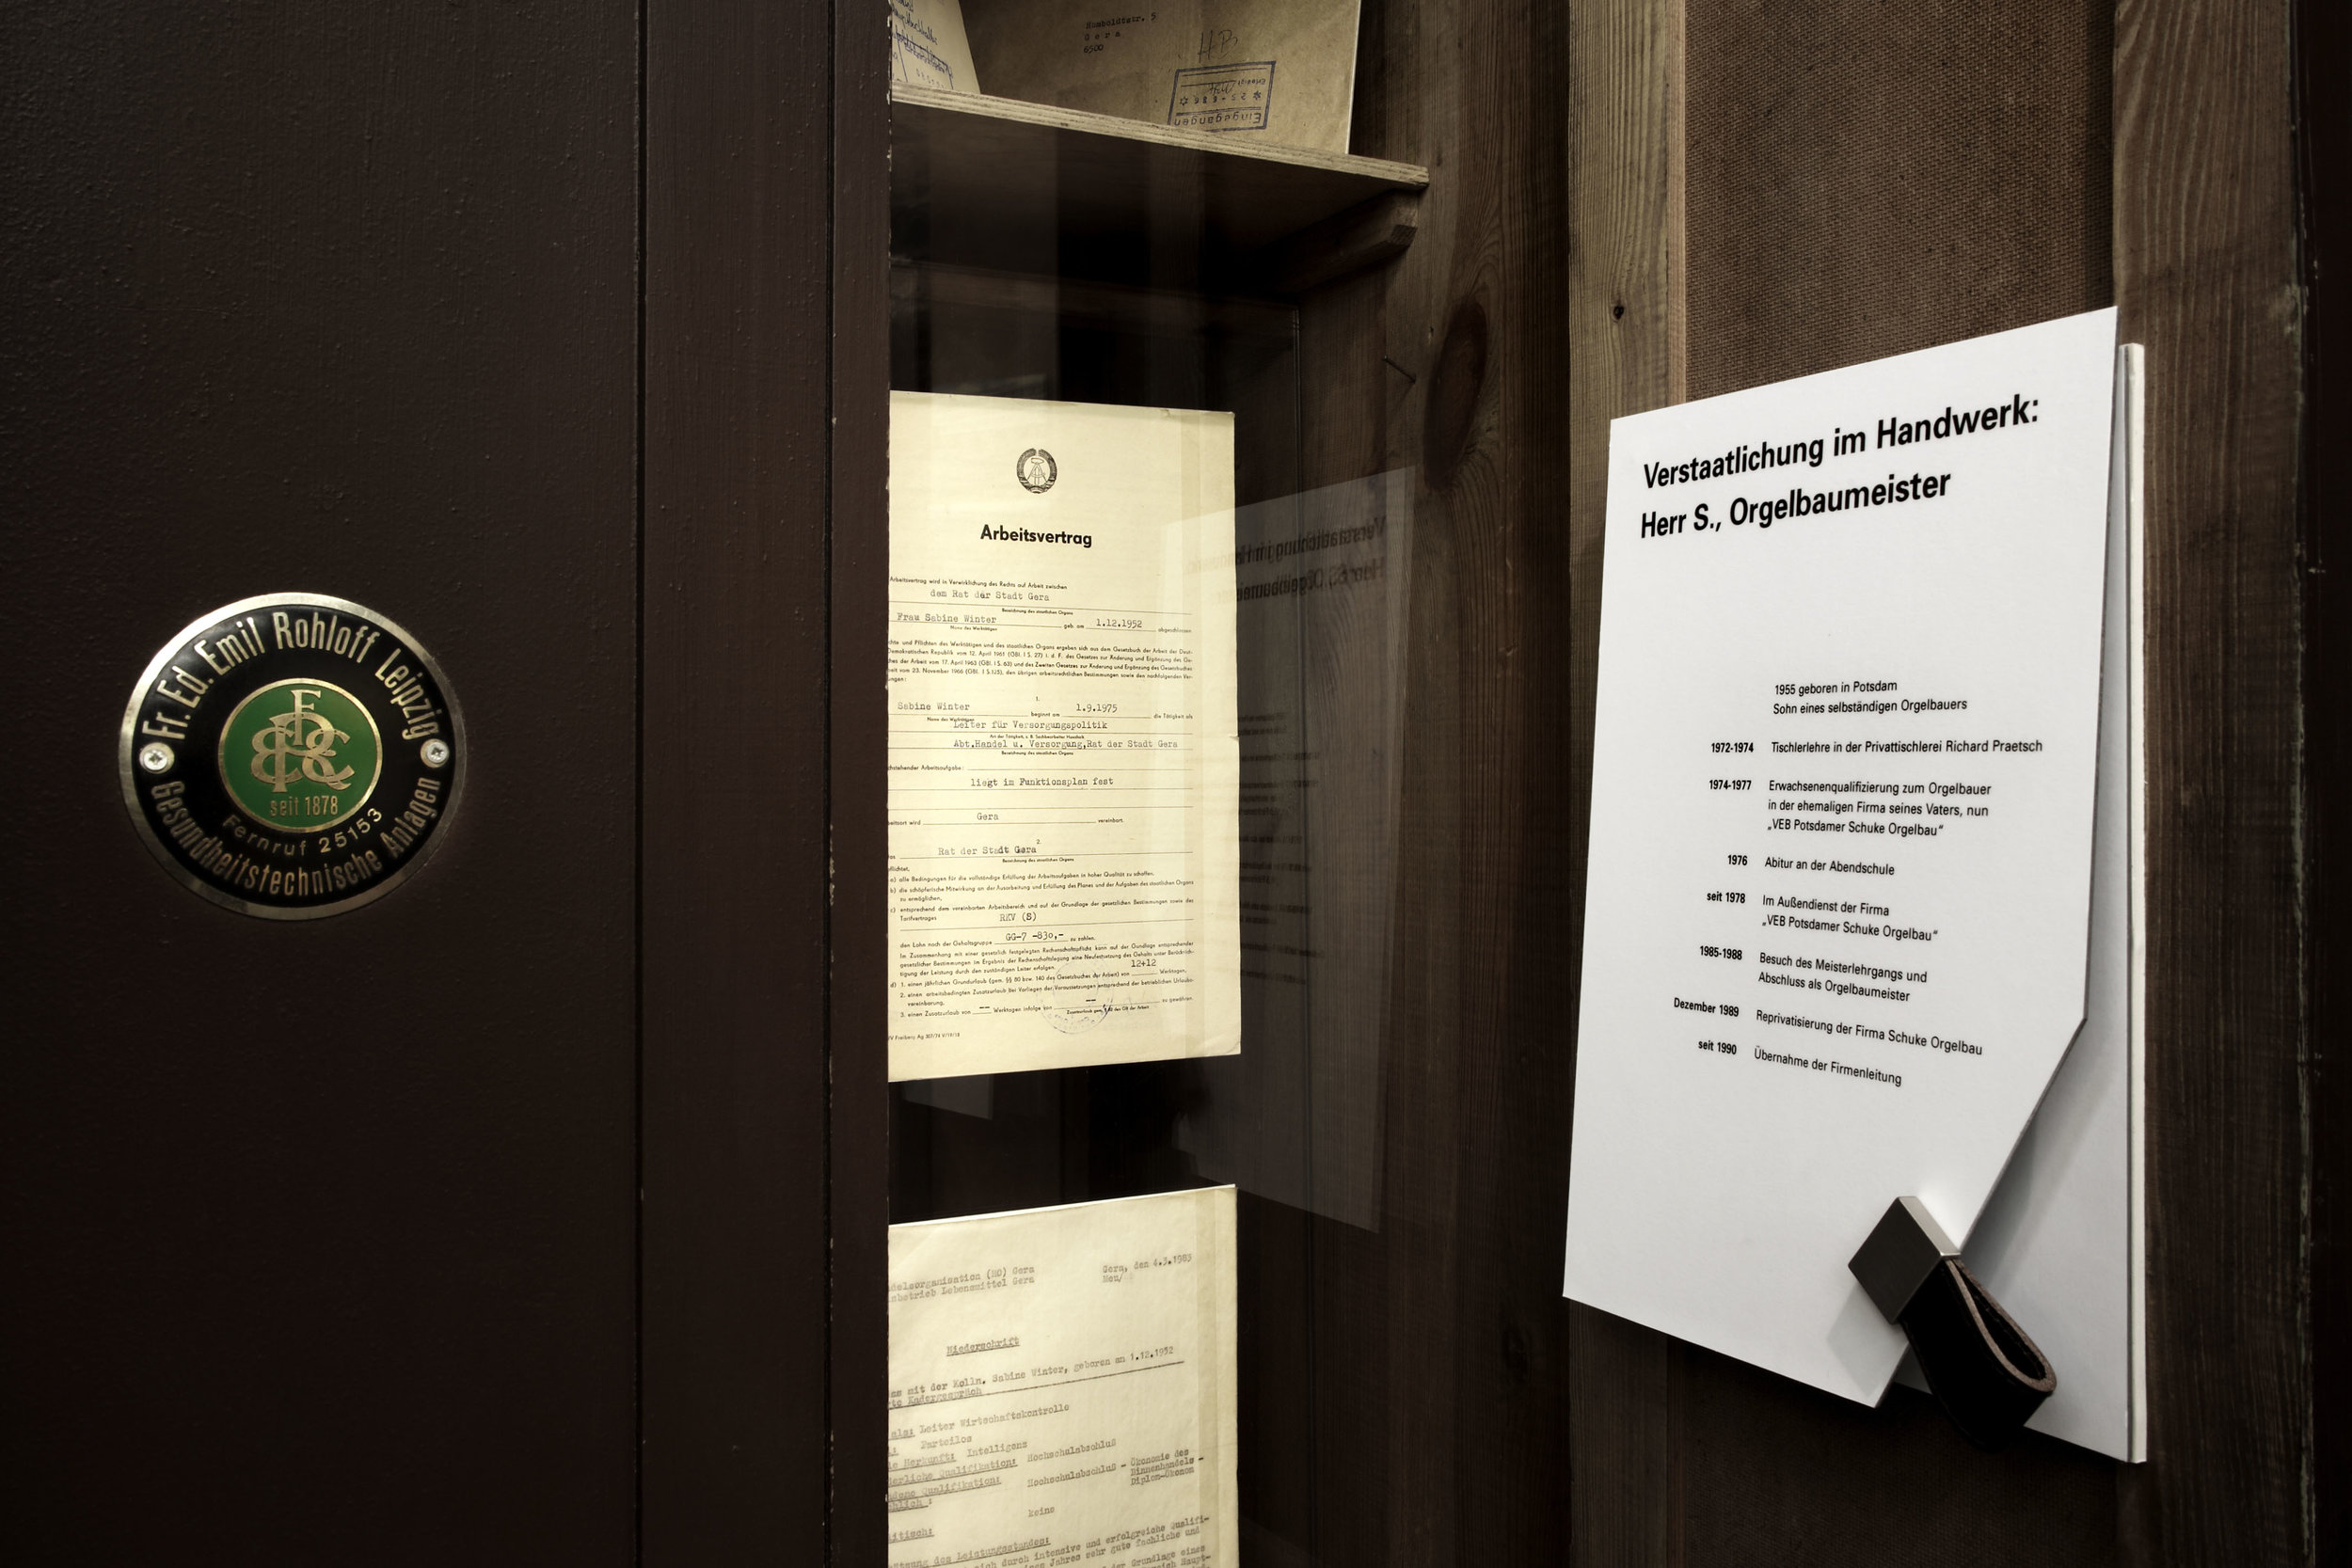 zeitgeschichtliches-forum-leipzig_museum-exhibition-design_coordination-berlin_05.jpg